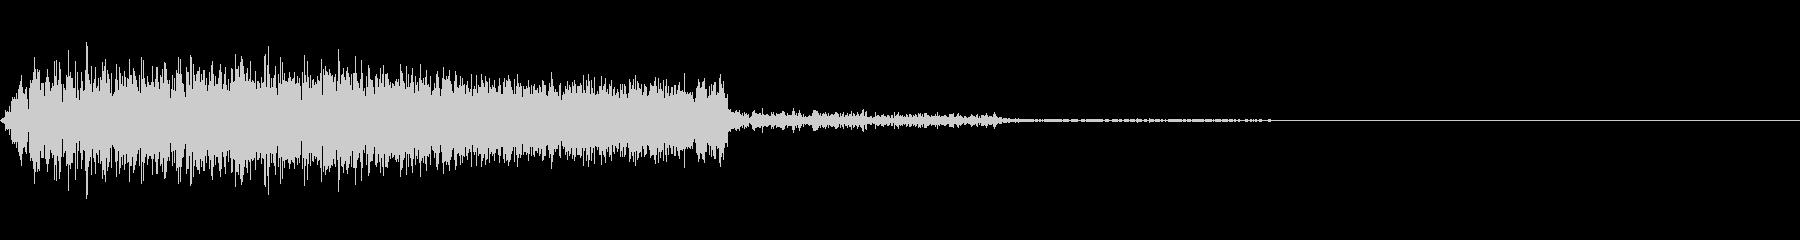 シューッという音EC07_89_2 2の未再生の波形